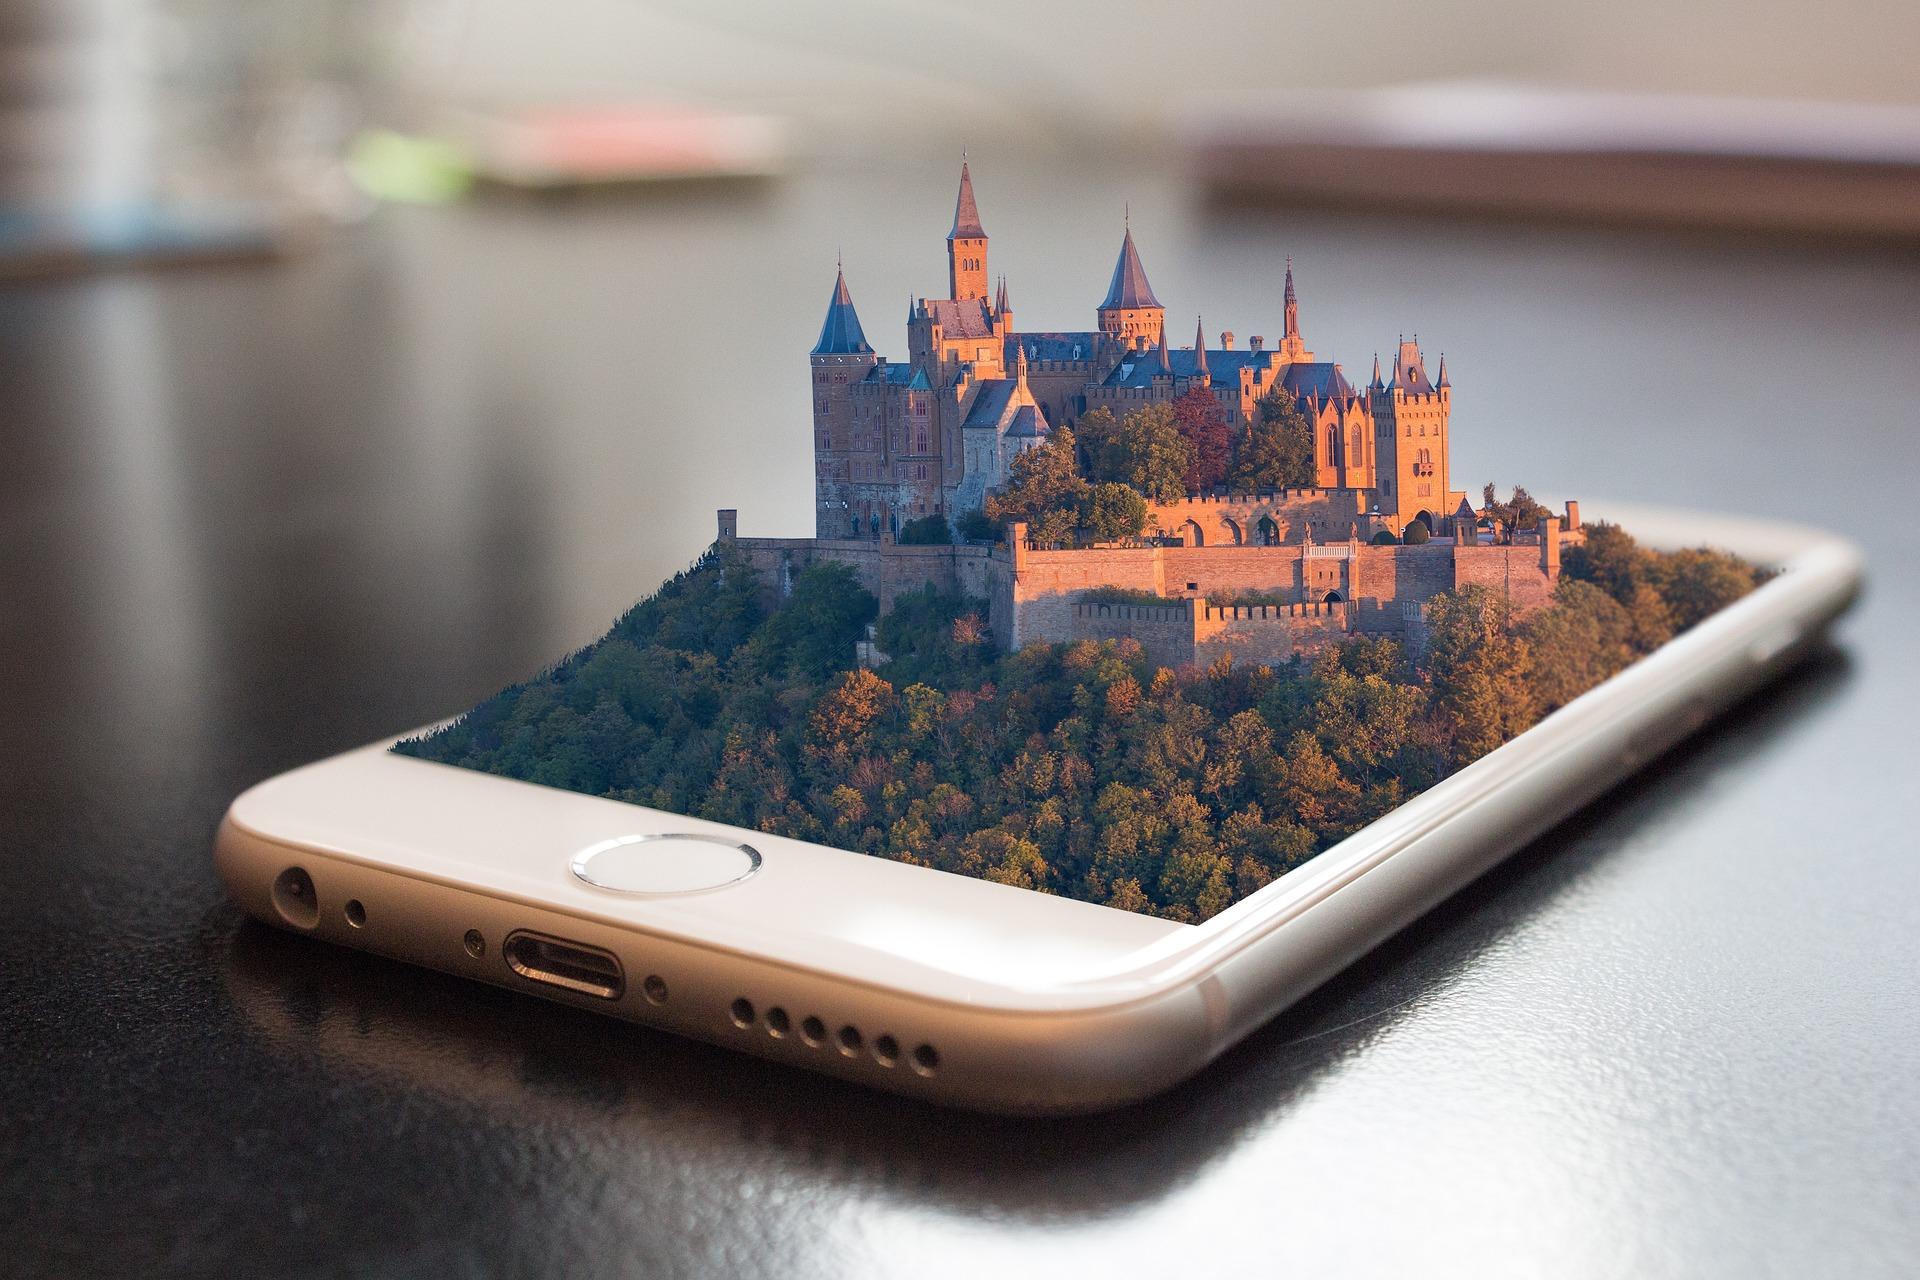 Google viaggi, come funziona l'app per viaggiare low cost